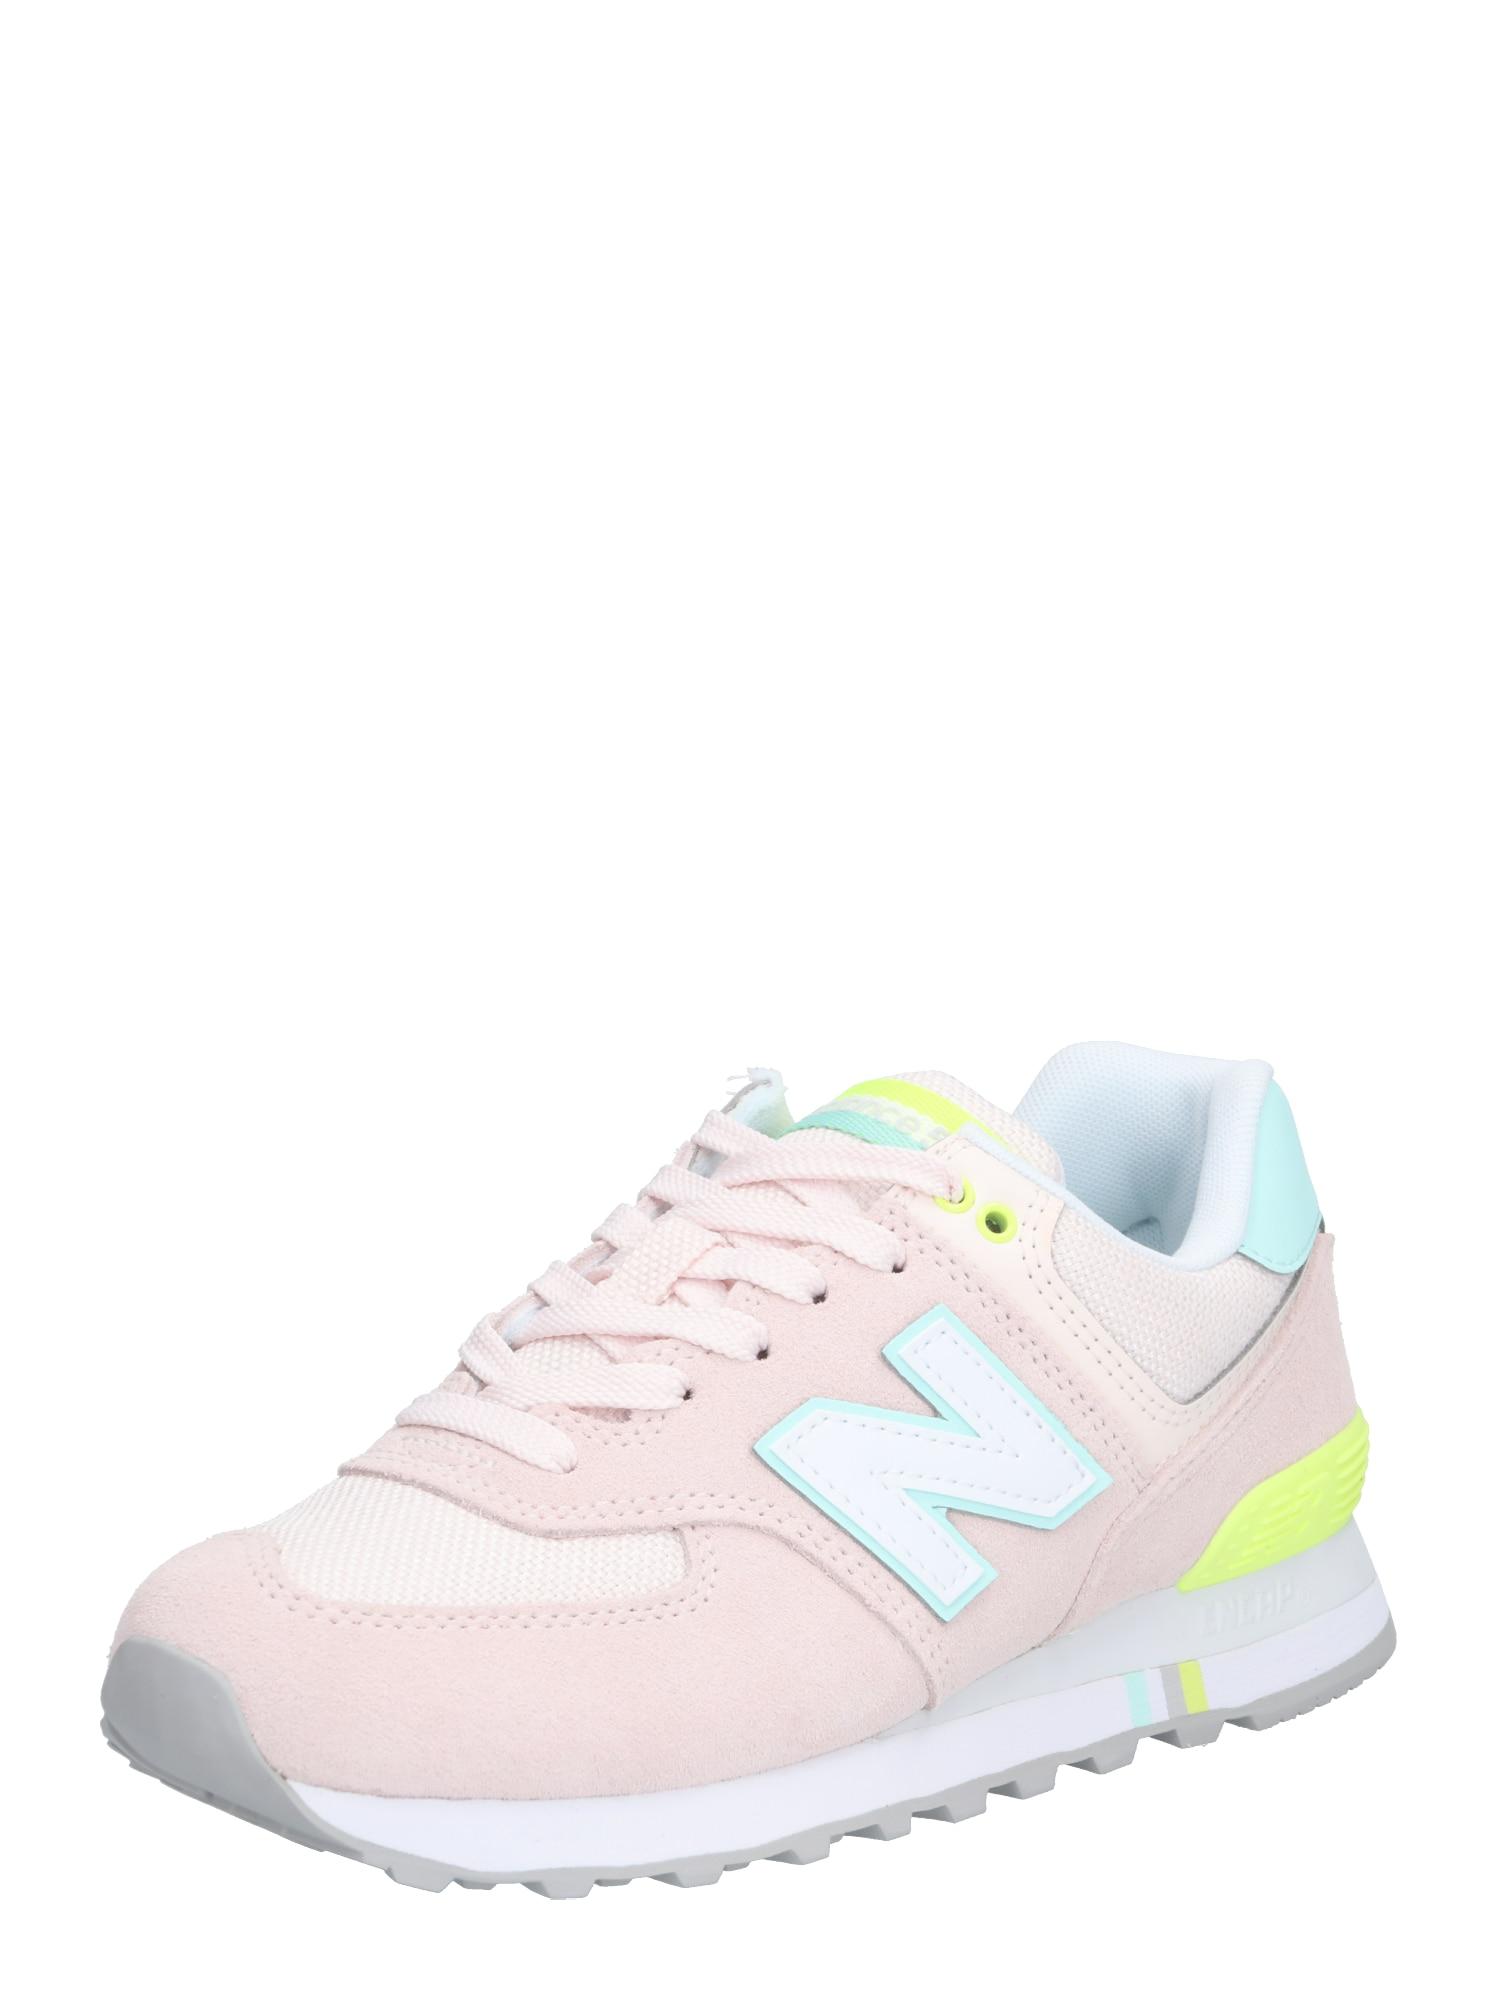 Tenisky WL574 pastelově růžová bílá New Balance